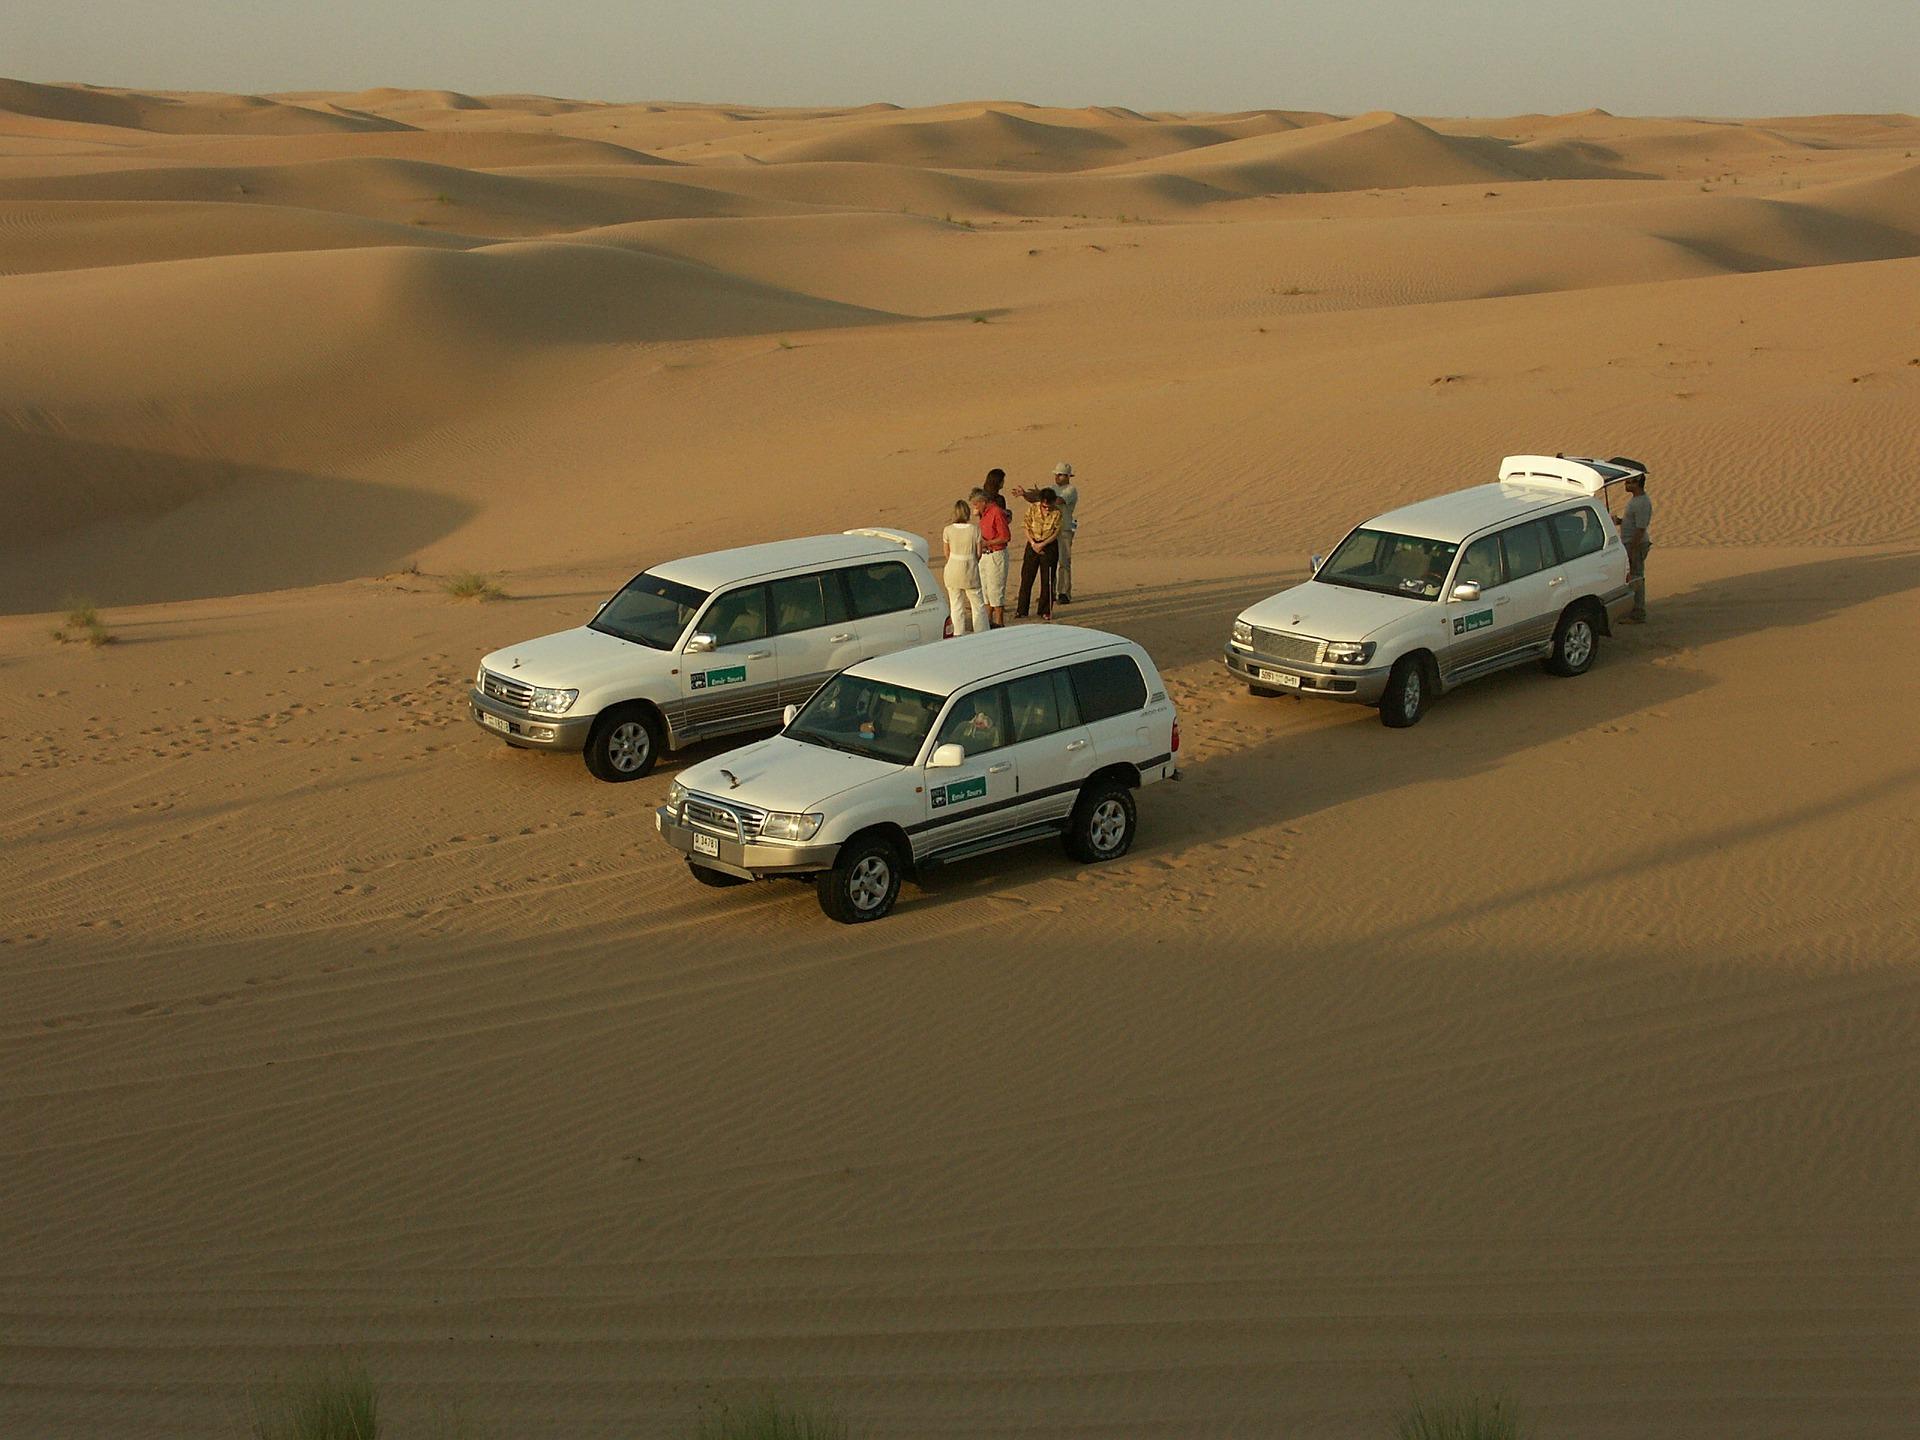 ドバイ観光!1週間で十分に満喫できるおすすめ観光スポット